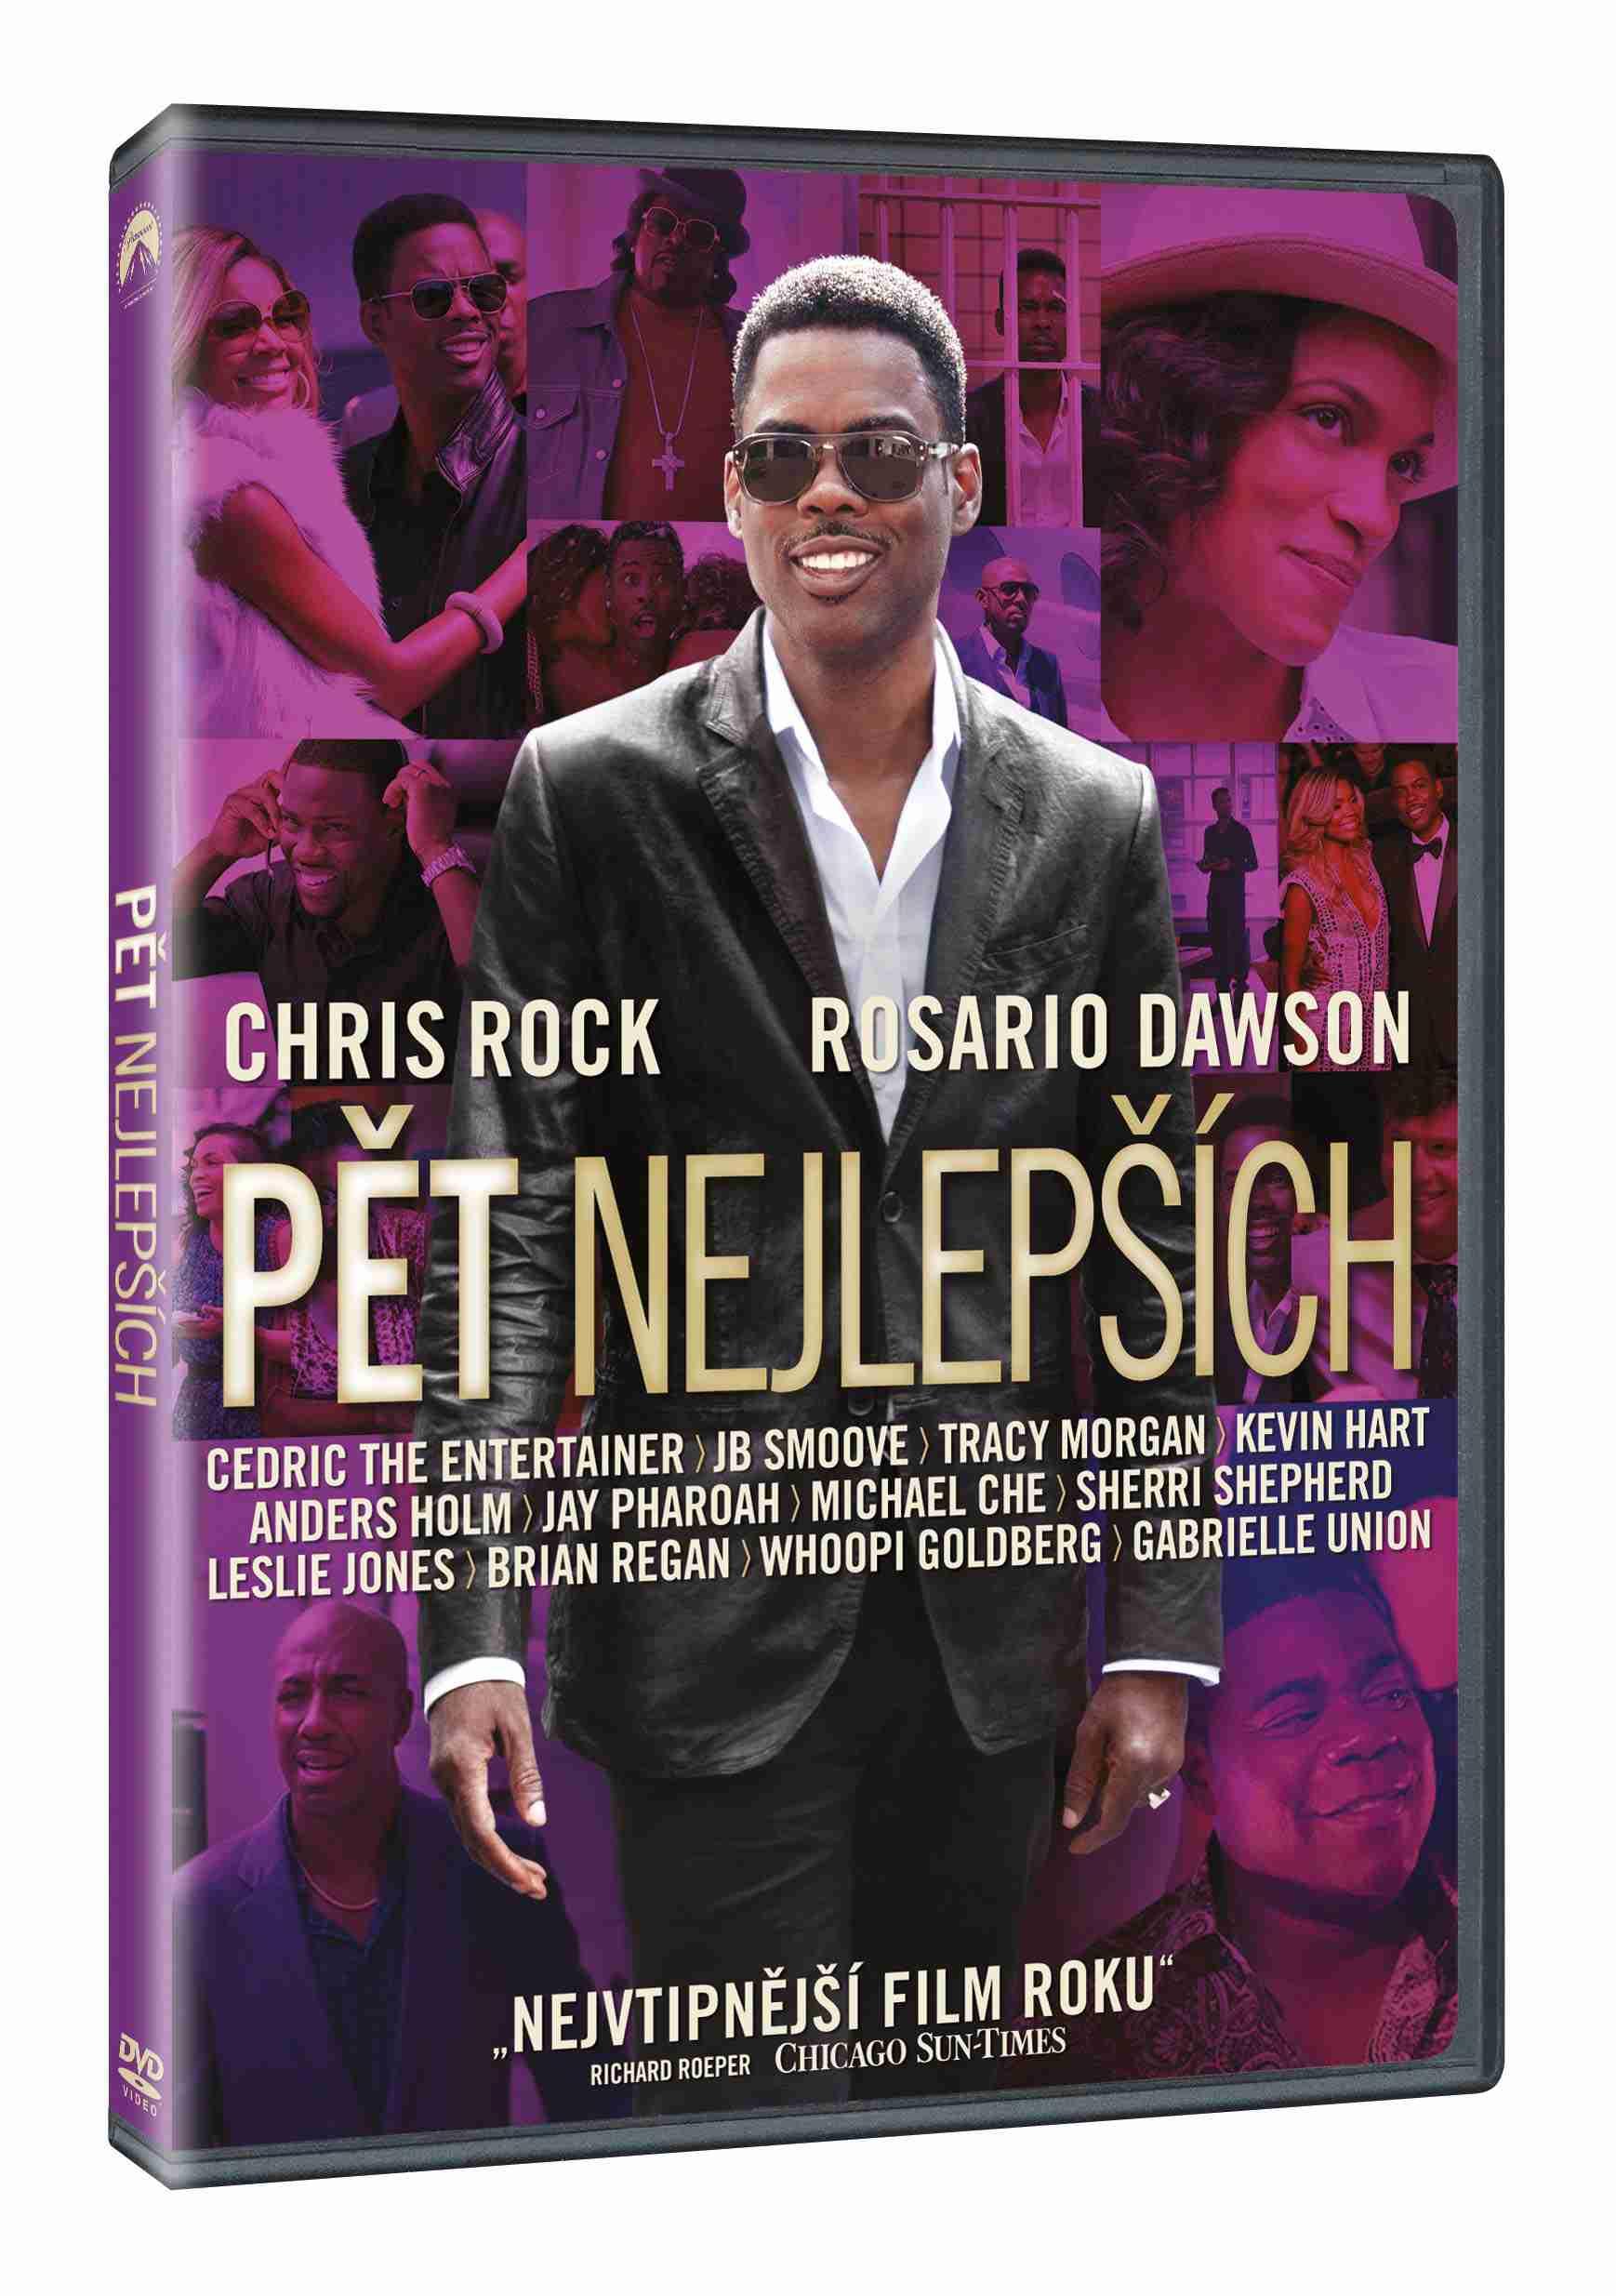 PĚT NEJLEPŠÍCH - DVD